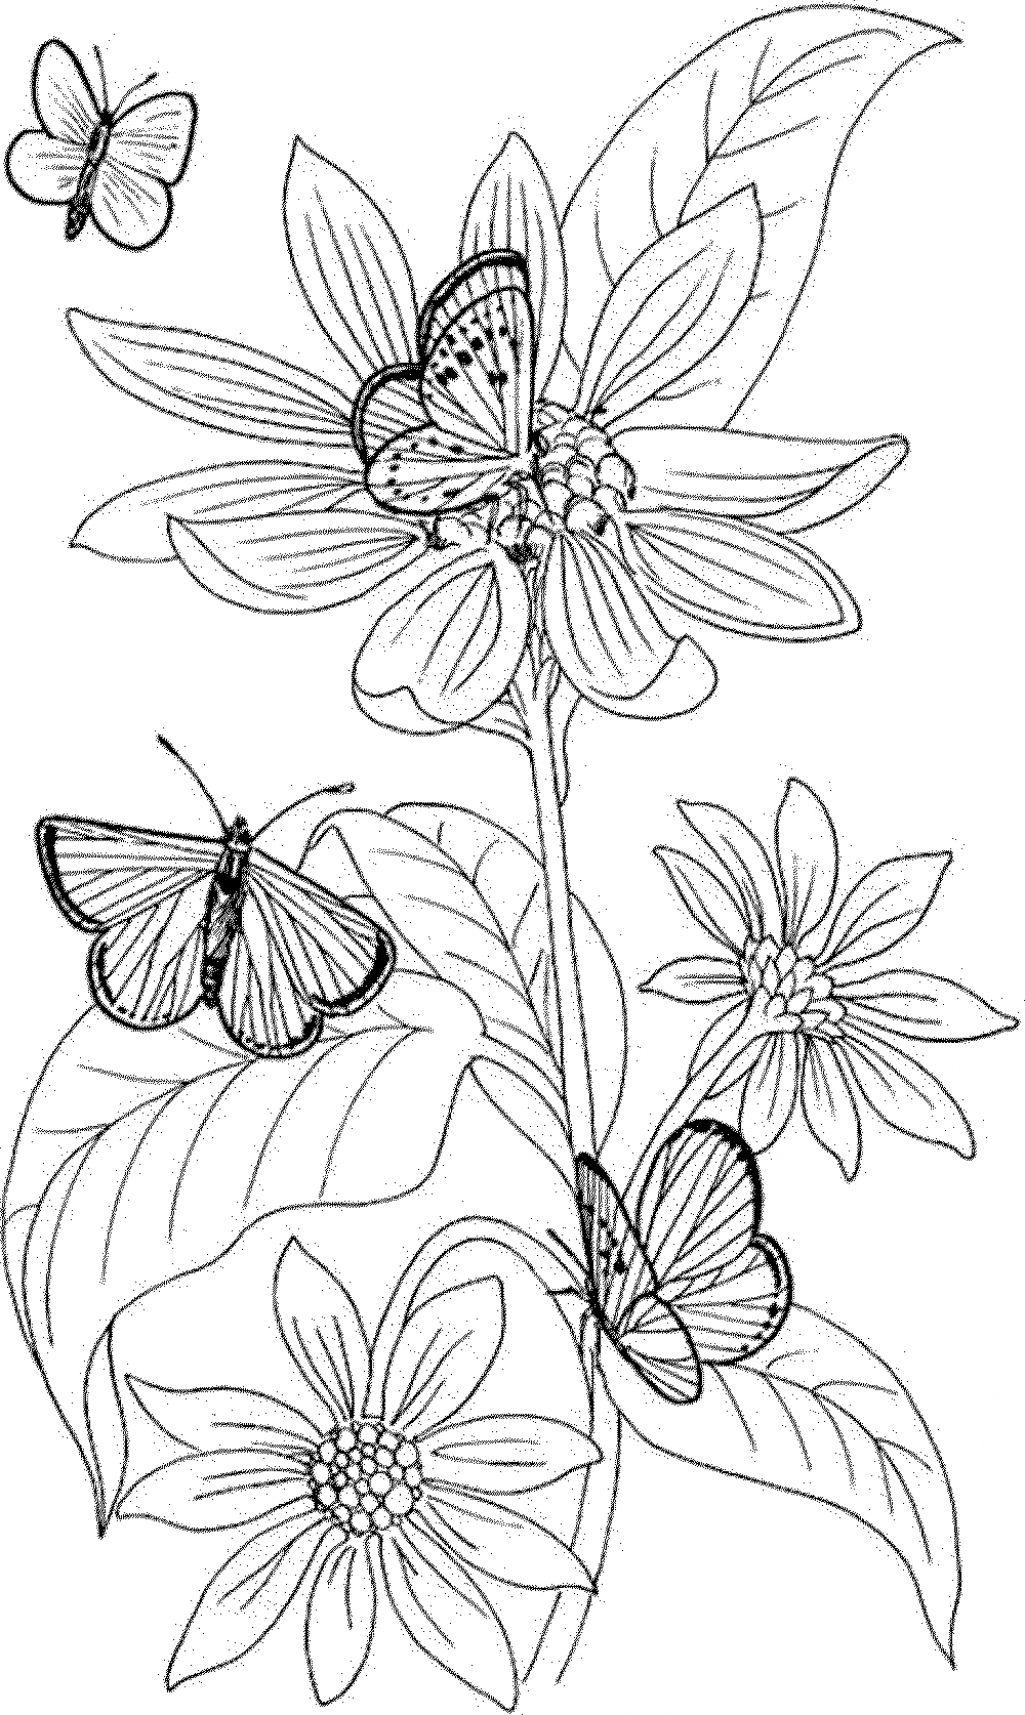 52 Einzigartig Ausmalbilder Schmetterling Kostenlos Ausdrucken Ausmalbilder Schmetterling Kostenlos Malvorlagen Blumen Malvorlagen Malvorlage Schmetterling